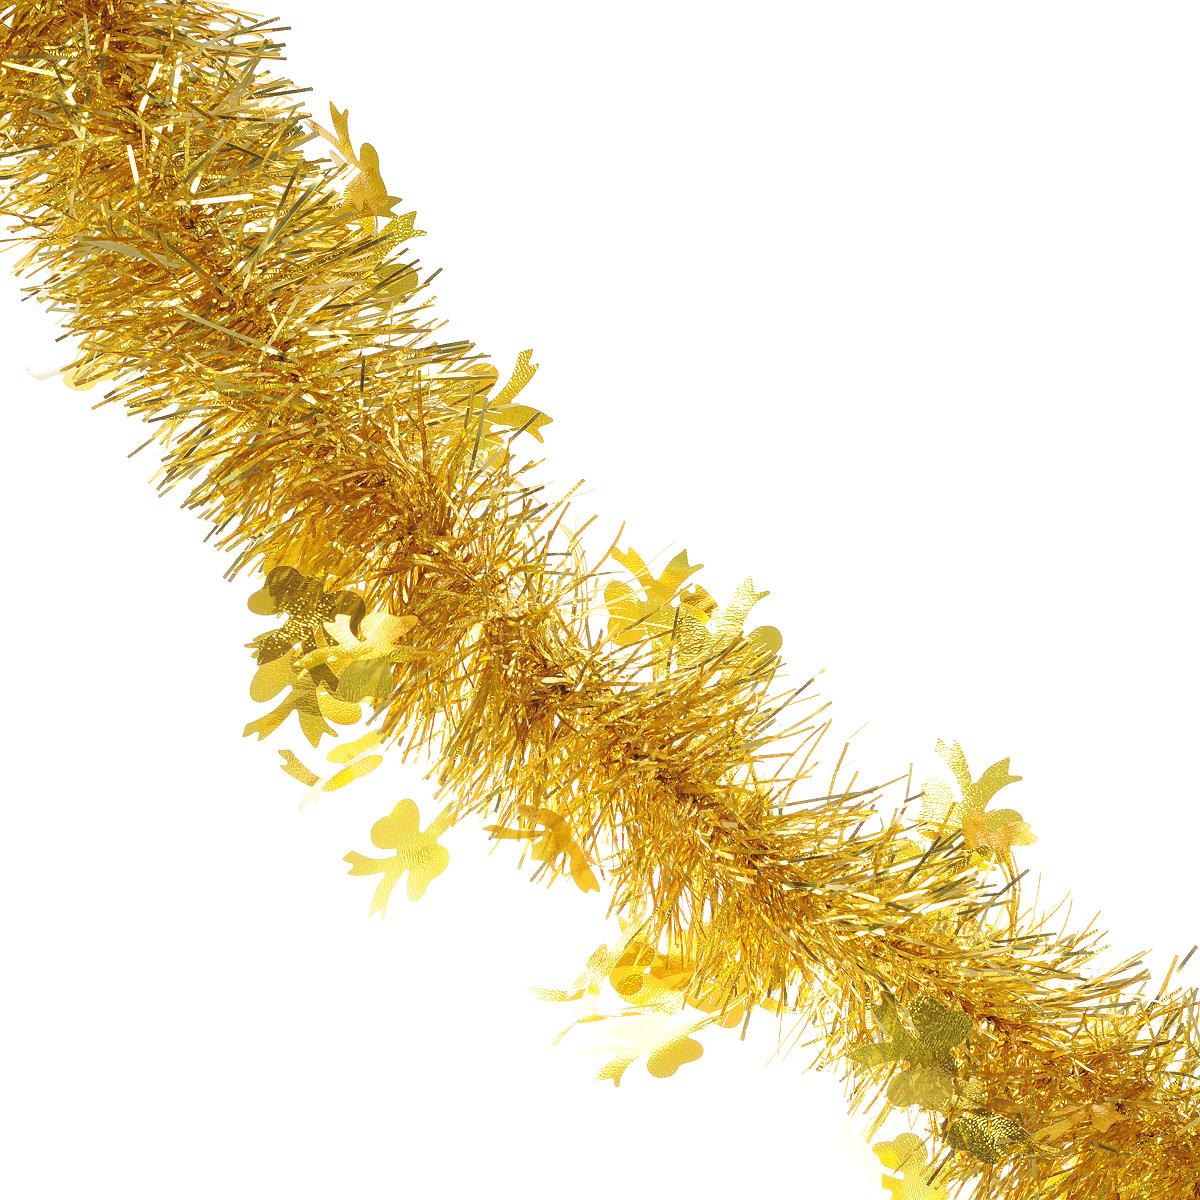 Мишура новогодняя Sima-land, цвет: золотистый, диаметр 9 см, длина 2 м. 706598706598Новогодняя мишура Sima-land, выполненная из фольги, поможет вам украсить свой дом к предстоящим праздникам. А новогодняя елка с таким украшением станет еще наряднее. Мишура армирована, то есть имеет проволоку внутри и способна сохранять приданную ей форму. Новогодней мишурой можно украсить все, что угодно - елку, квартиру, дачу, офис - как внутри, так и снаружи. Можно сложить новогодние поздравления, буквы и цифры, мишурой можно украсить и дополнить гирлянды, можно выделить дверные колонны, оплести дверные проемы. Коллекция декоративных украшений из серии Зимнее волшебство принесет в ваш дом ни с чем несравнимое ощущение праздника! Создайте в своем доме атмосферу тепла, веселья и радости, украшая его всей семьей.